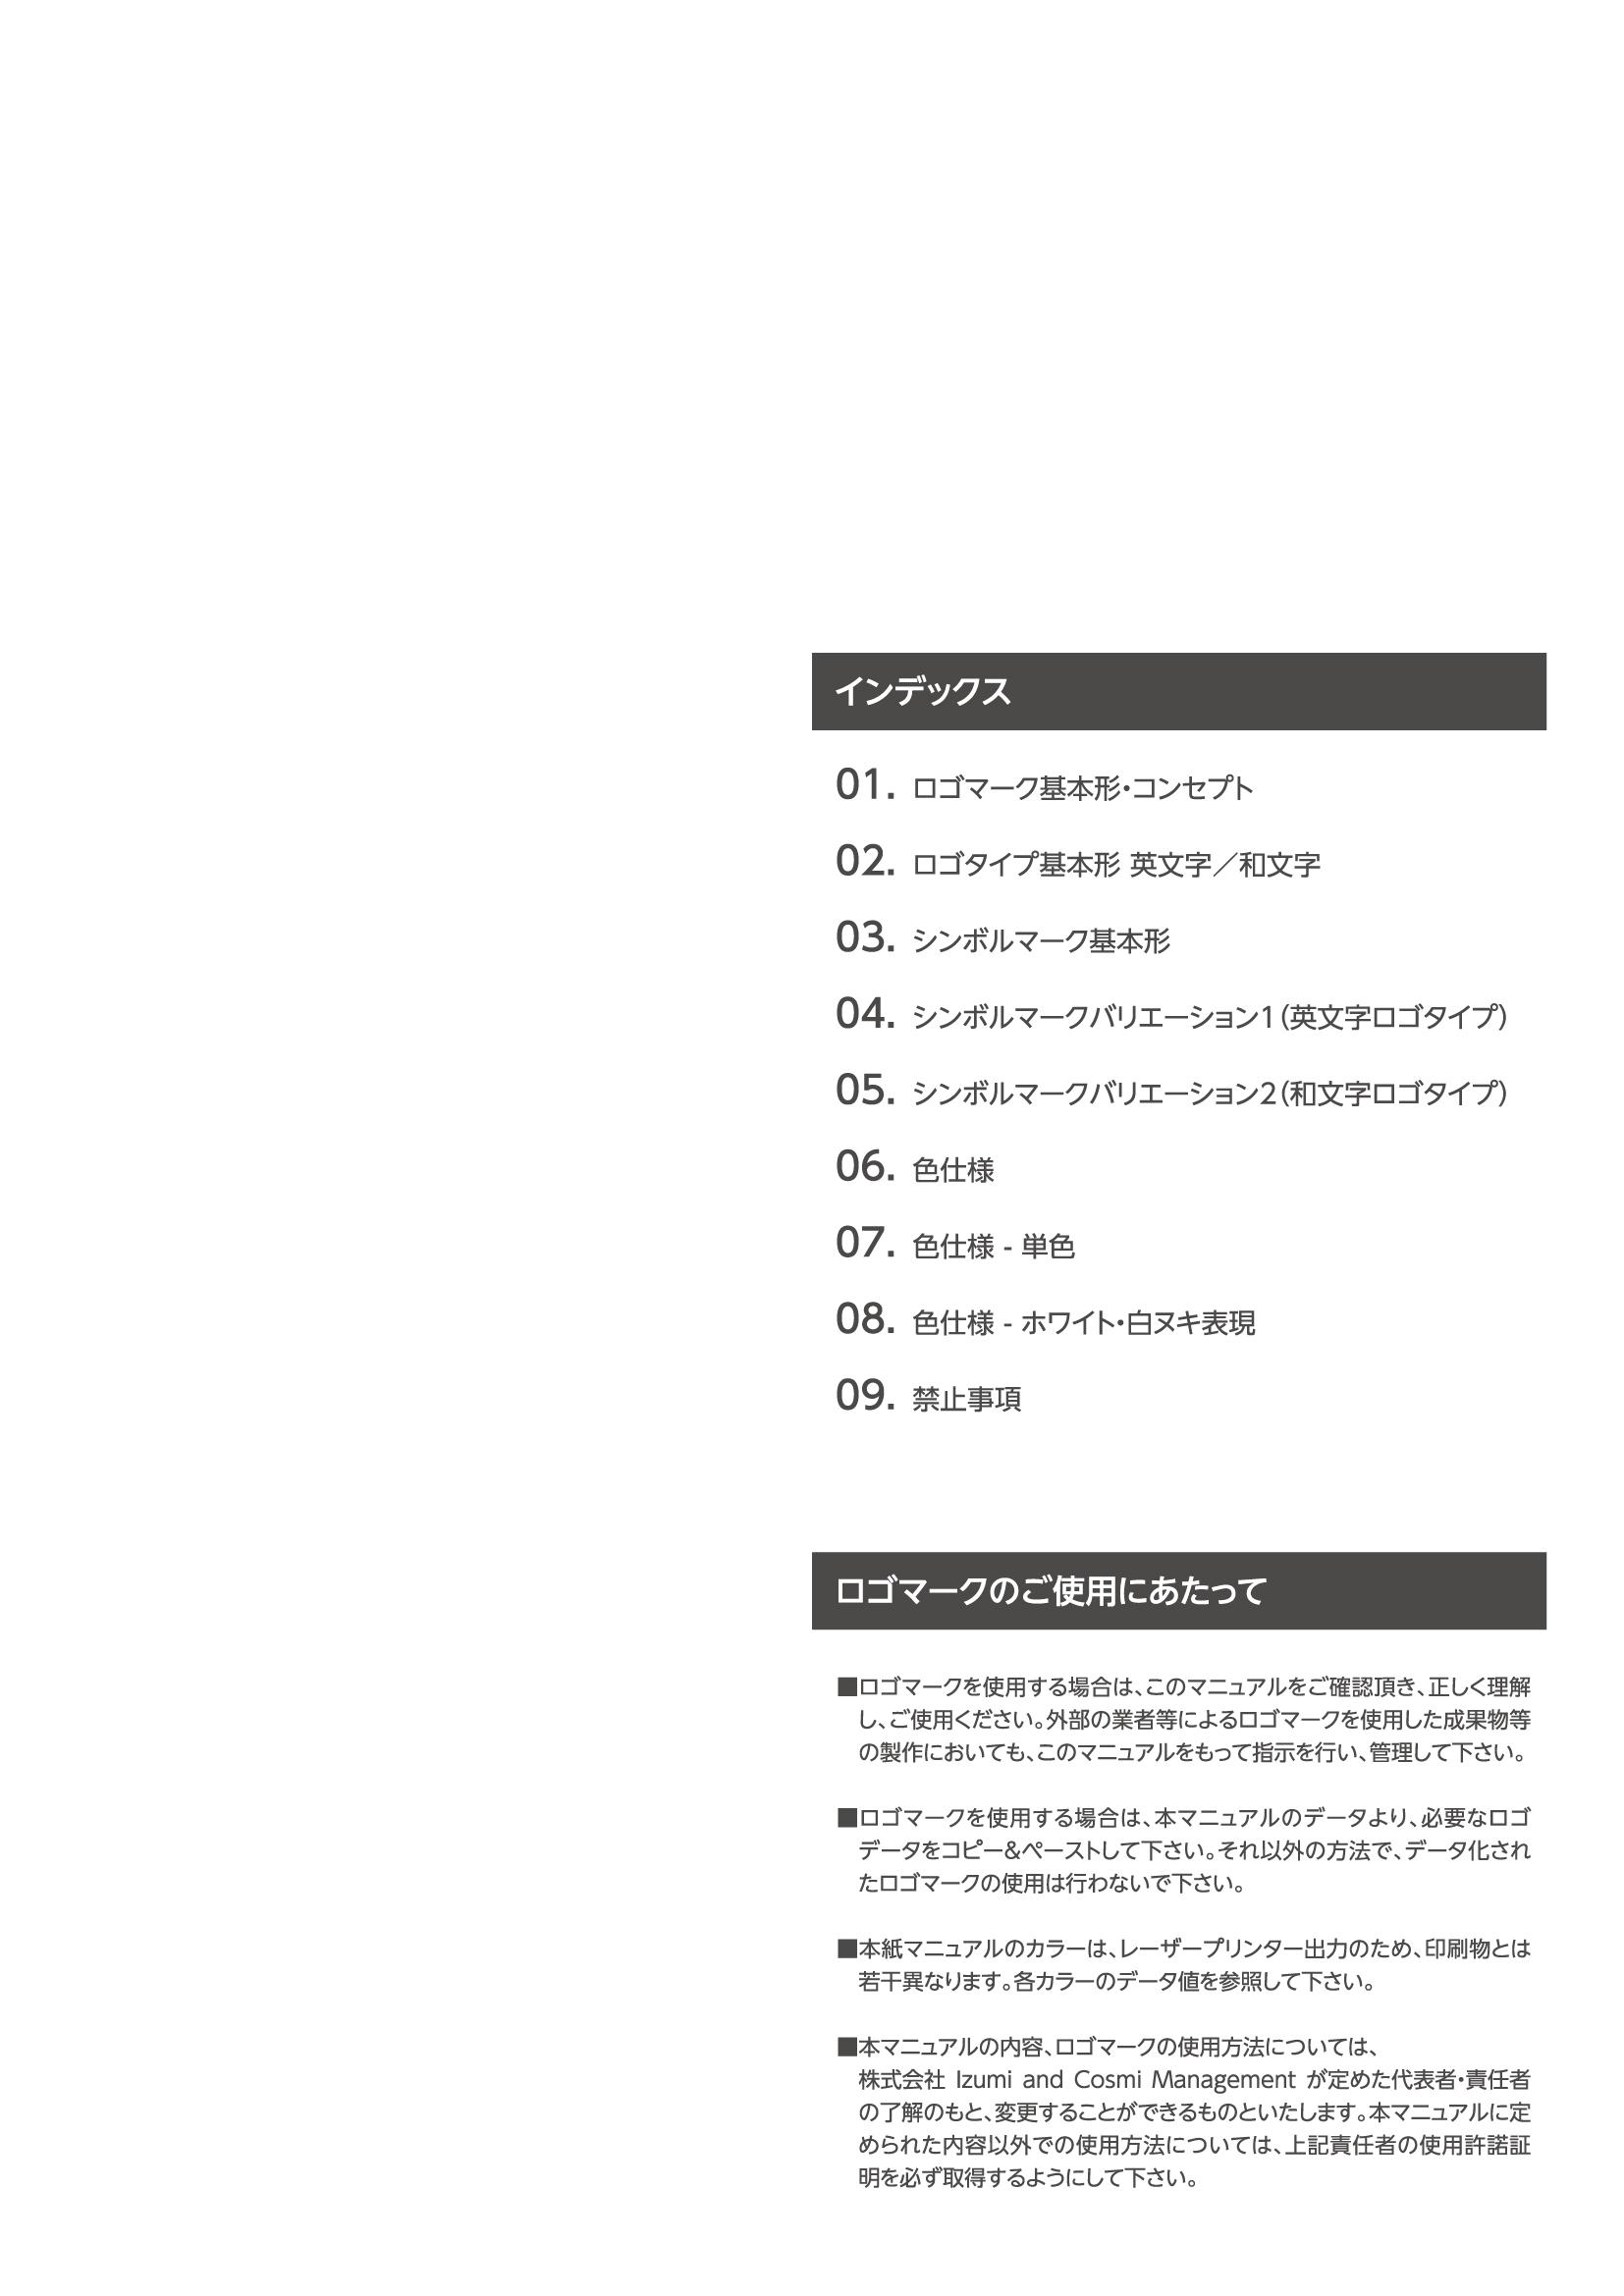 カレー販売 ロゴデザイン ビジュアルアイデンティティー2